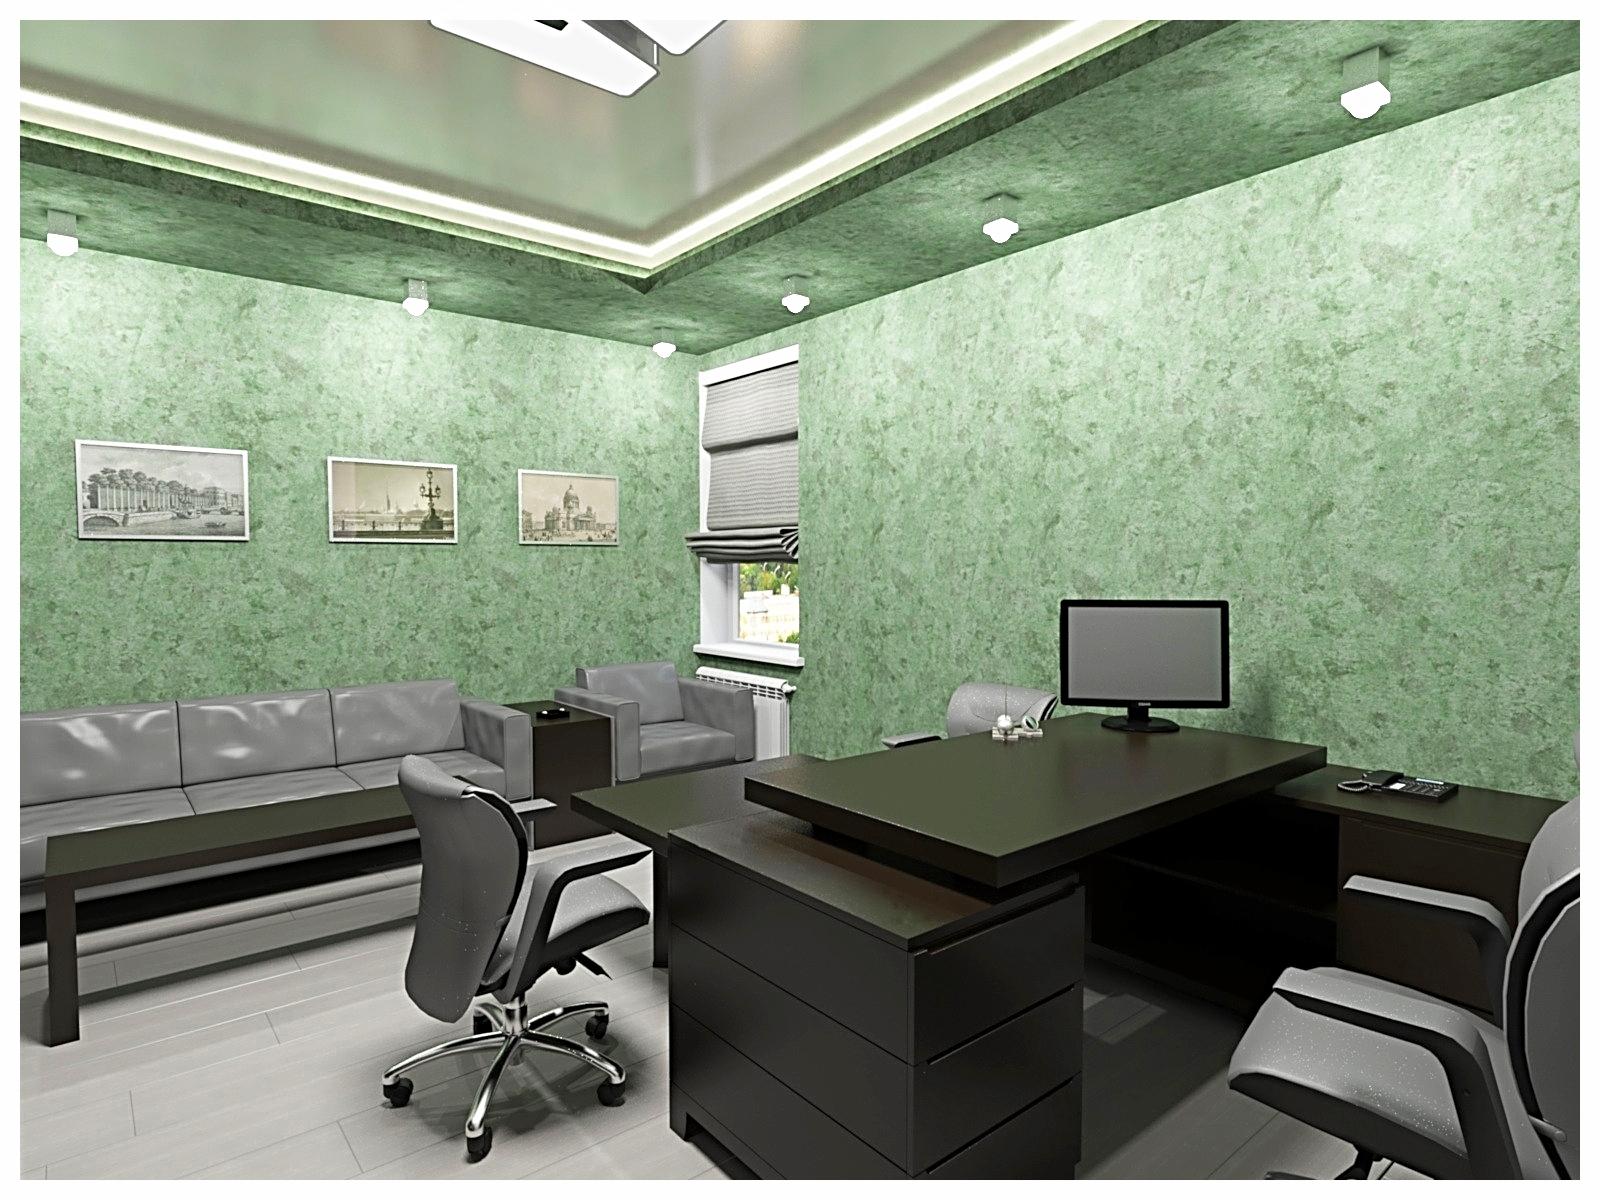 Дизайн интерьеров офиса. Кабинет руководителя 1.